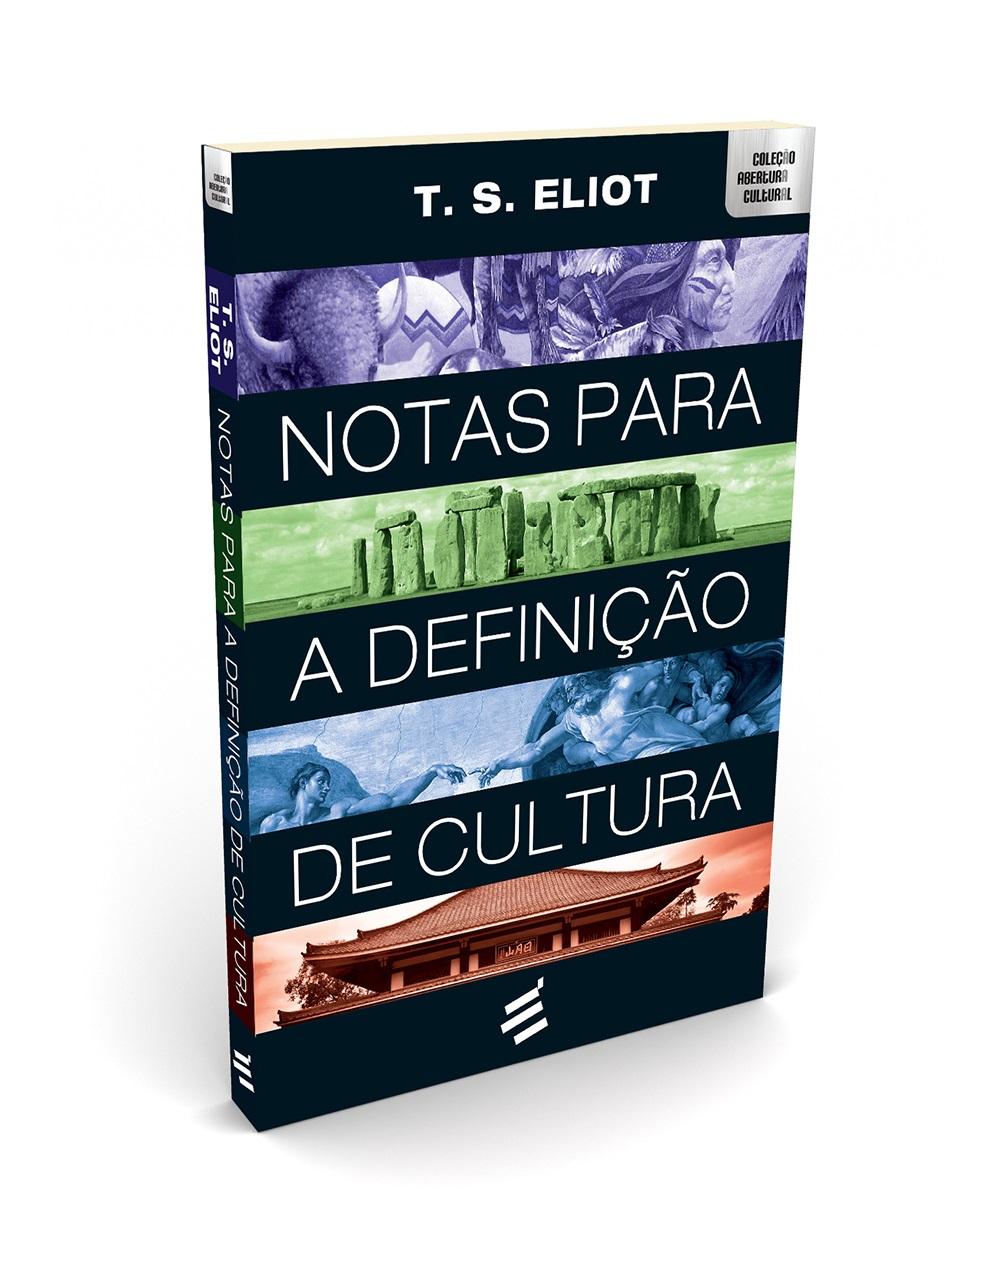 T. S. Eliot livro